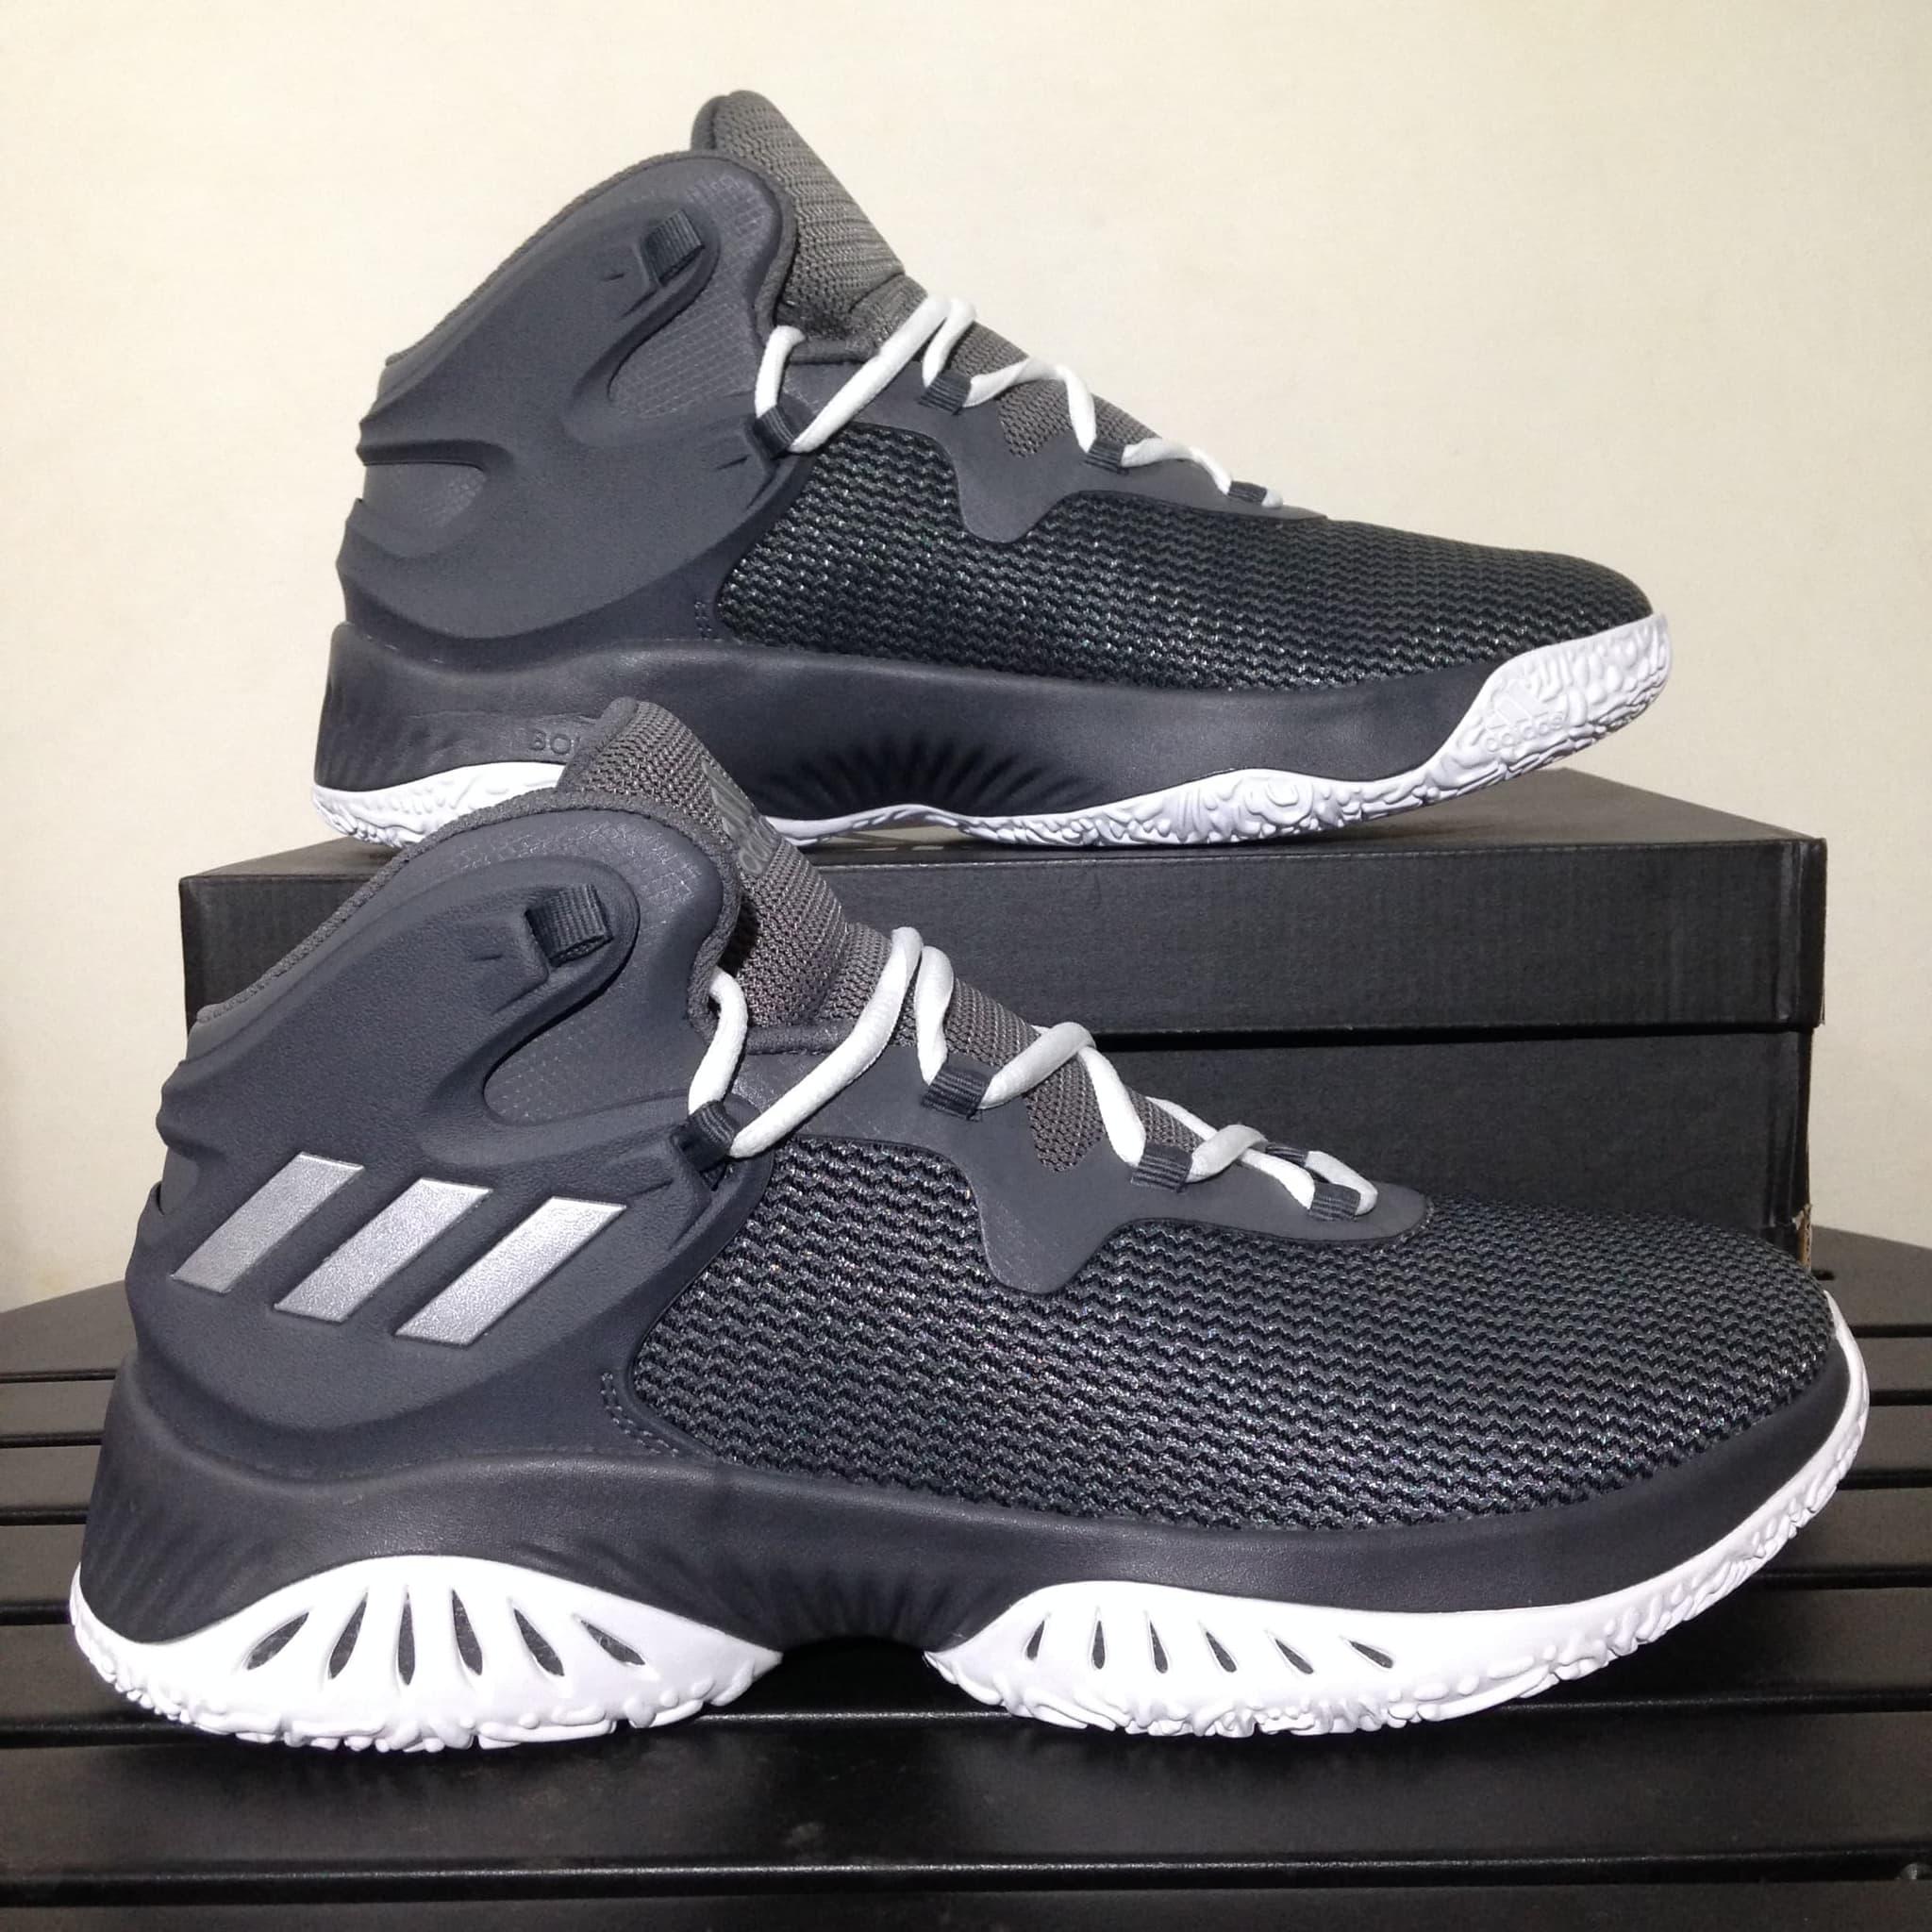 ... Sepatu Basket Adidas Explosive Bounce Grey Four By3779 Original Bnib -  Blanja.com ... e4f4d8de34